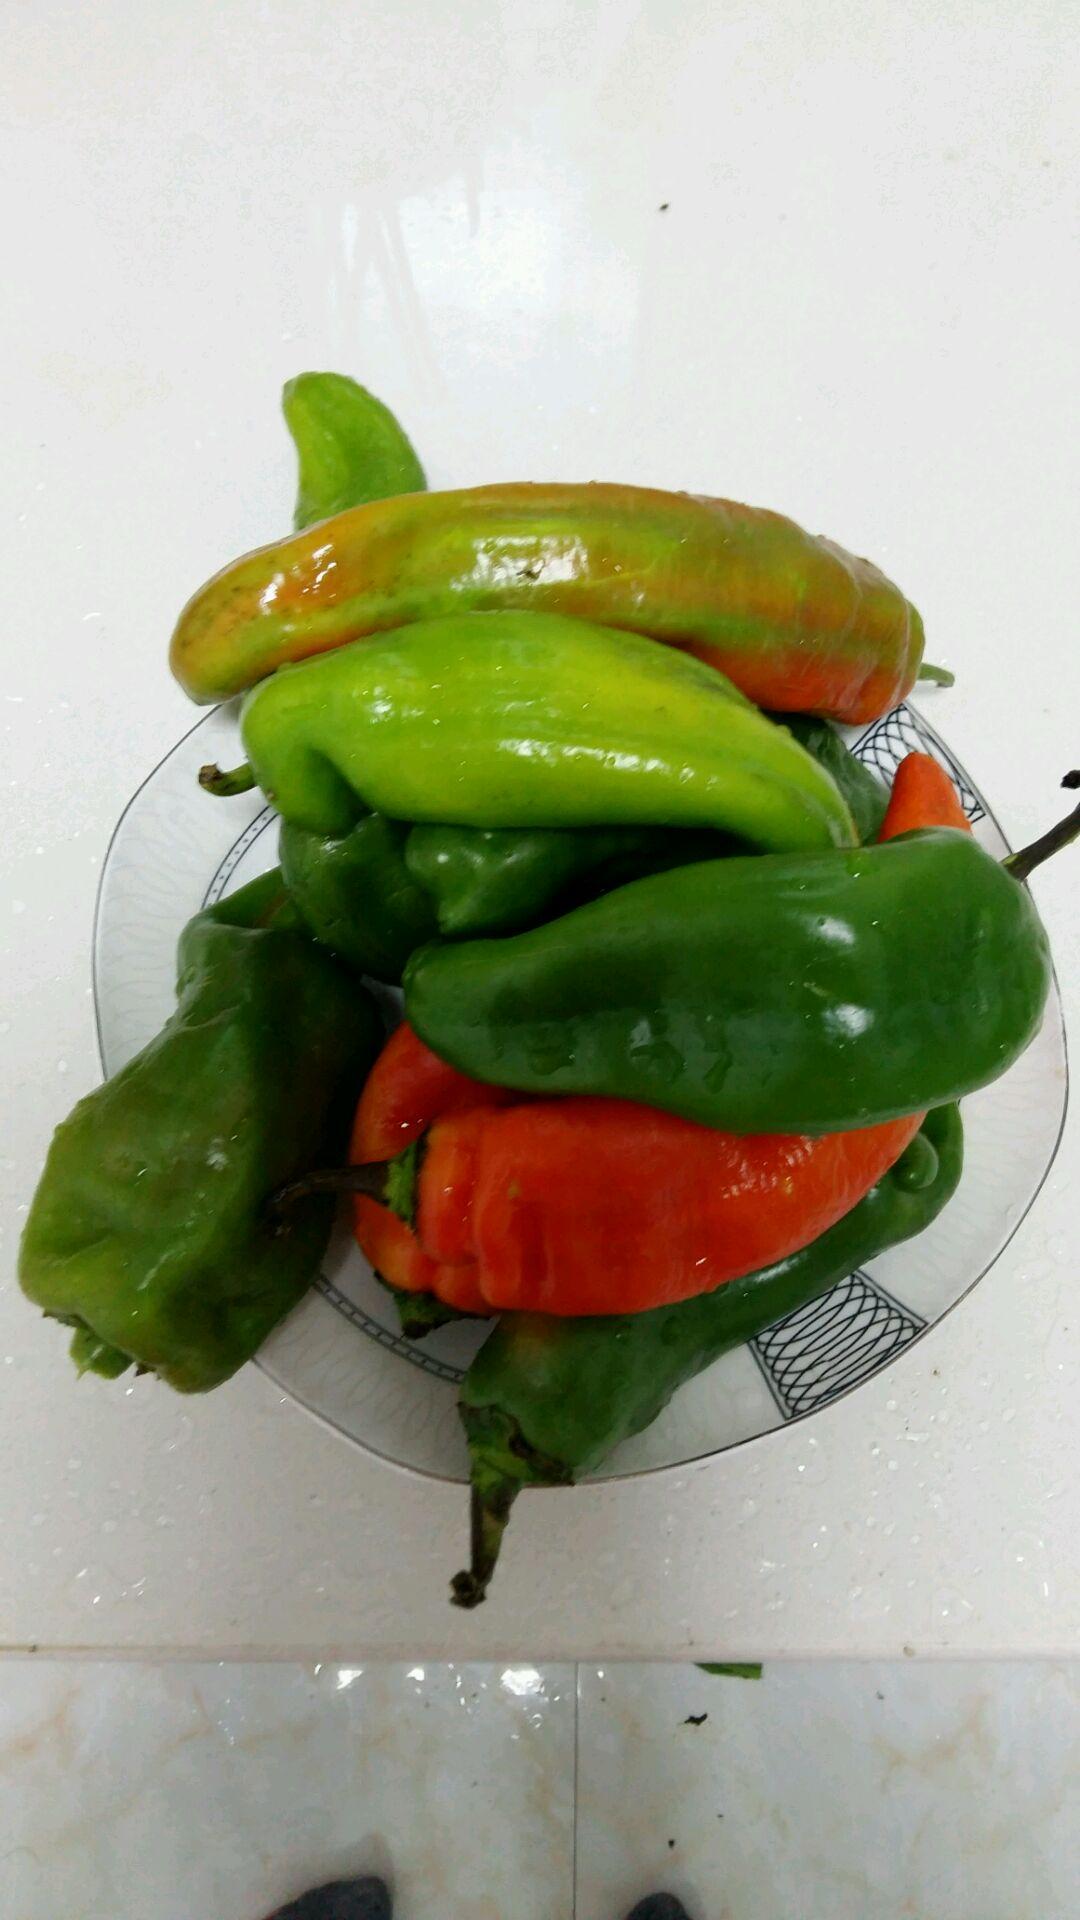 油辣椒咸菜的做法步骤